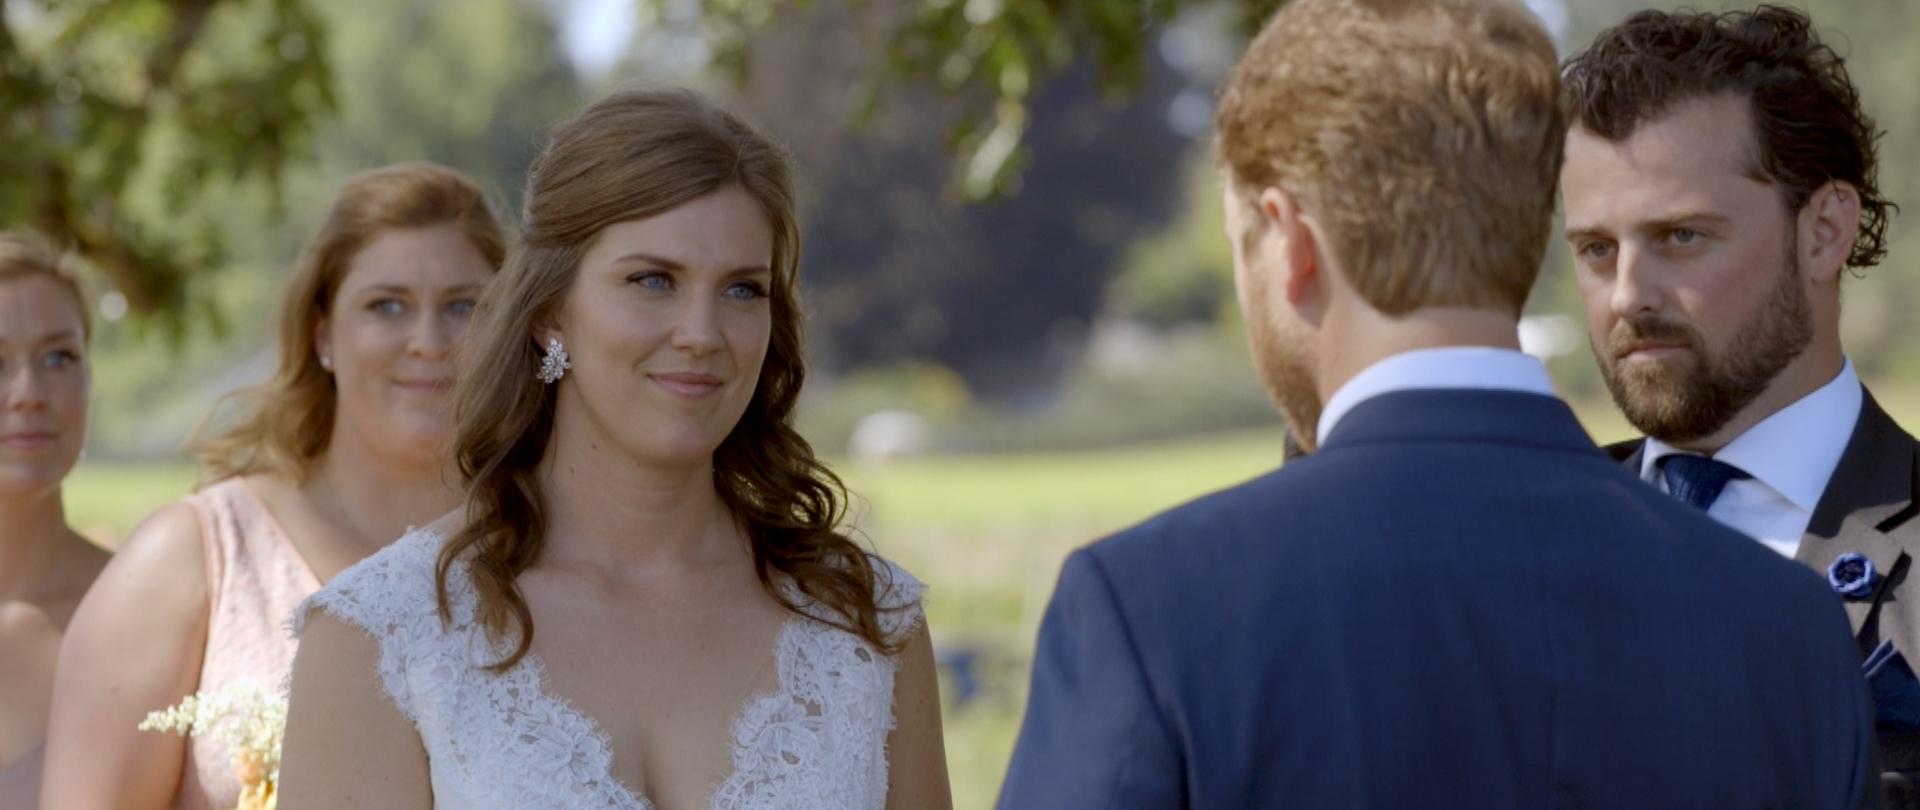 Lisa and Taylor-Oregon Wedding Video -8.jpg